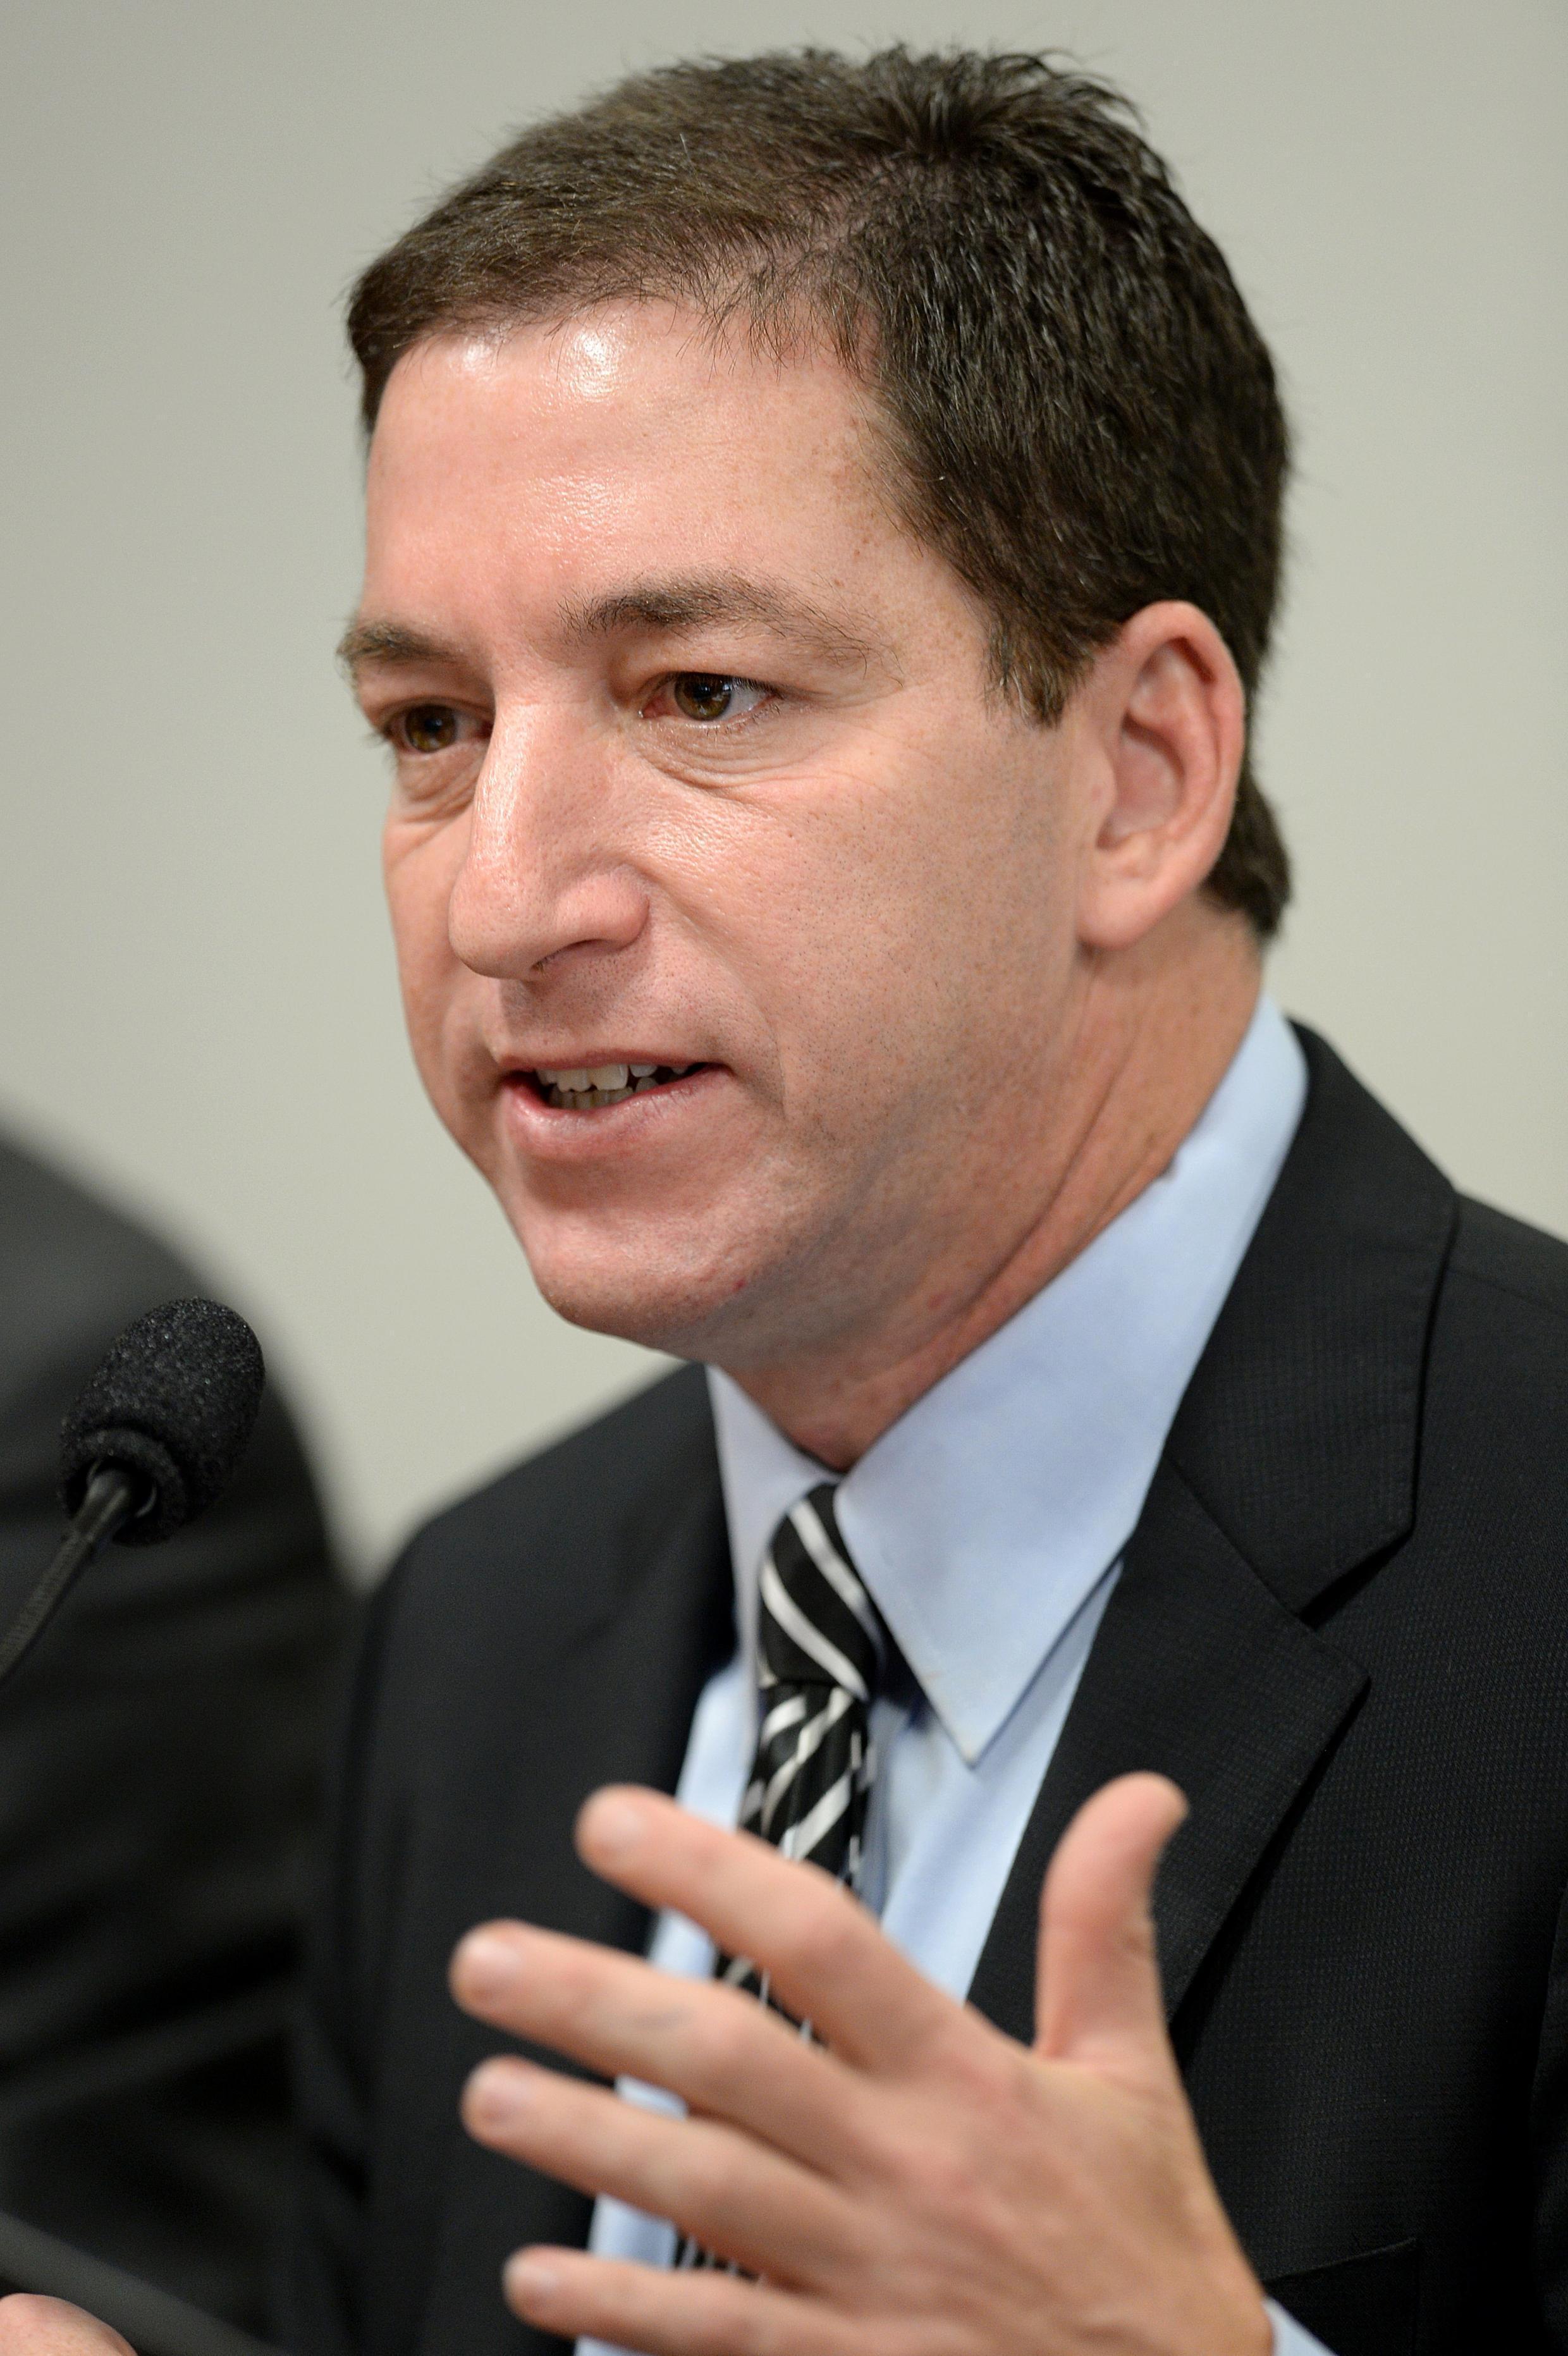 Nhà báo Glenn Greenwald, làm việc cho «Guardian», đang điều trần tại Tiểu ban điều tra Thượng viện Brazil, Brasilia, ngày 09/10/2013